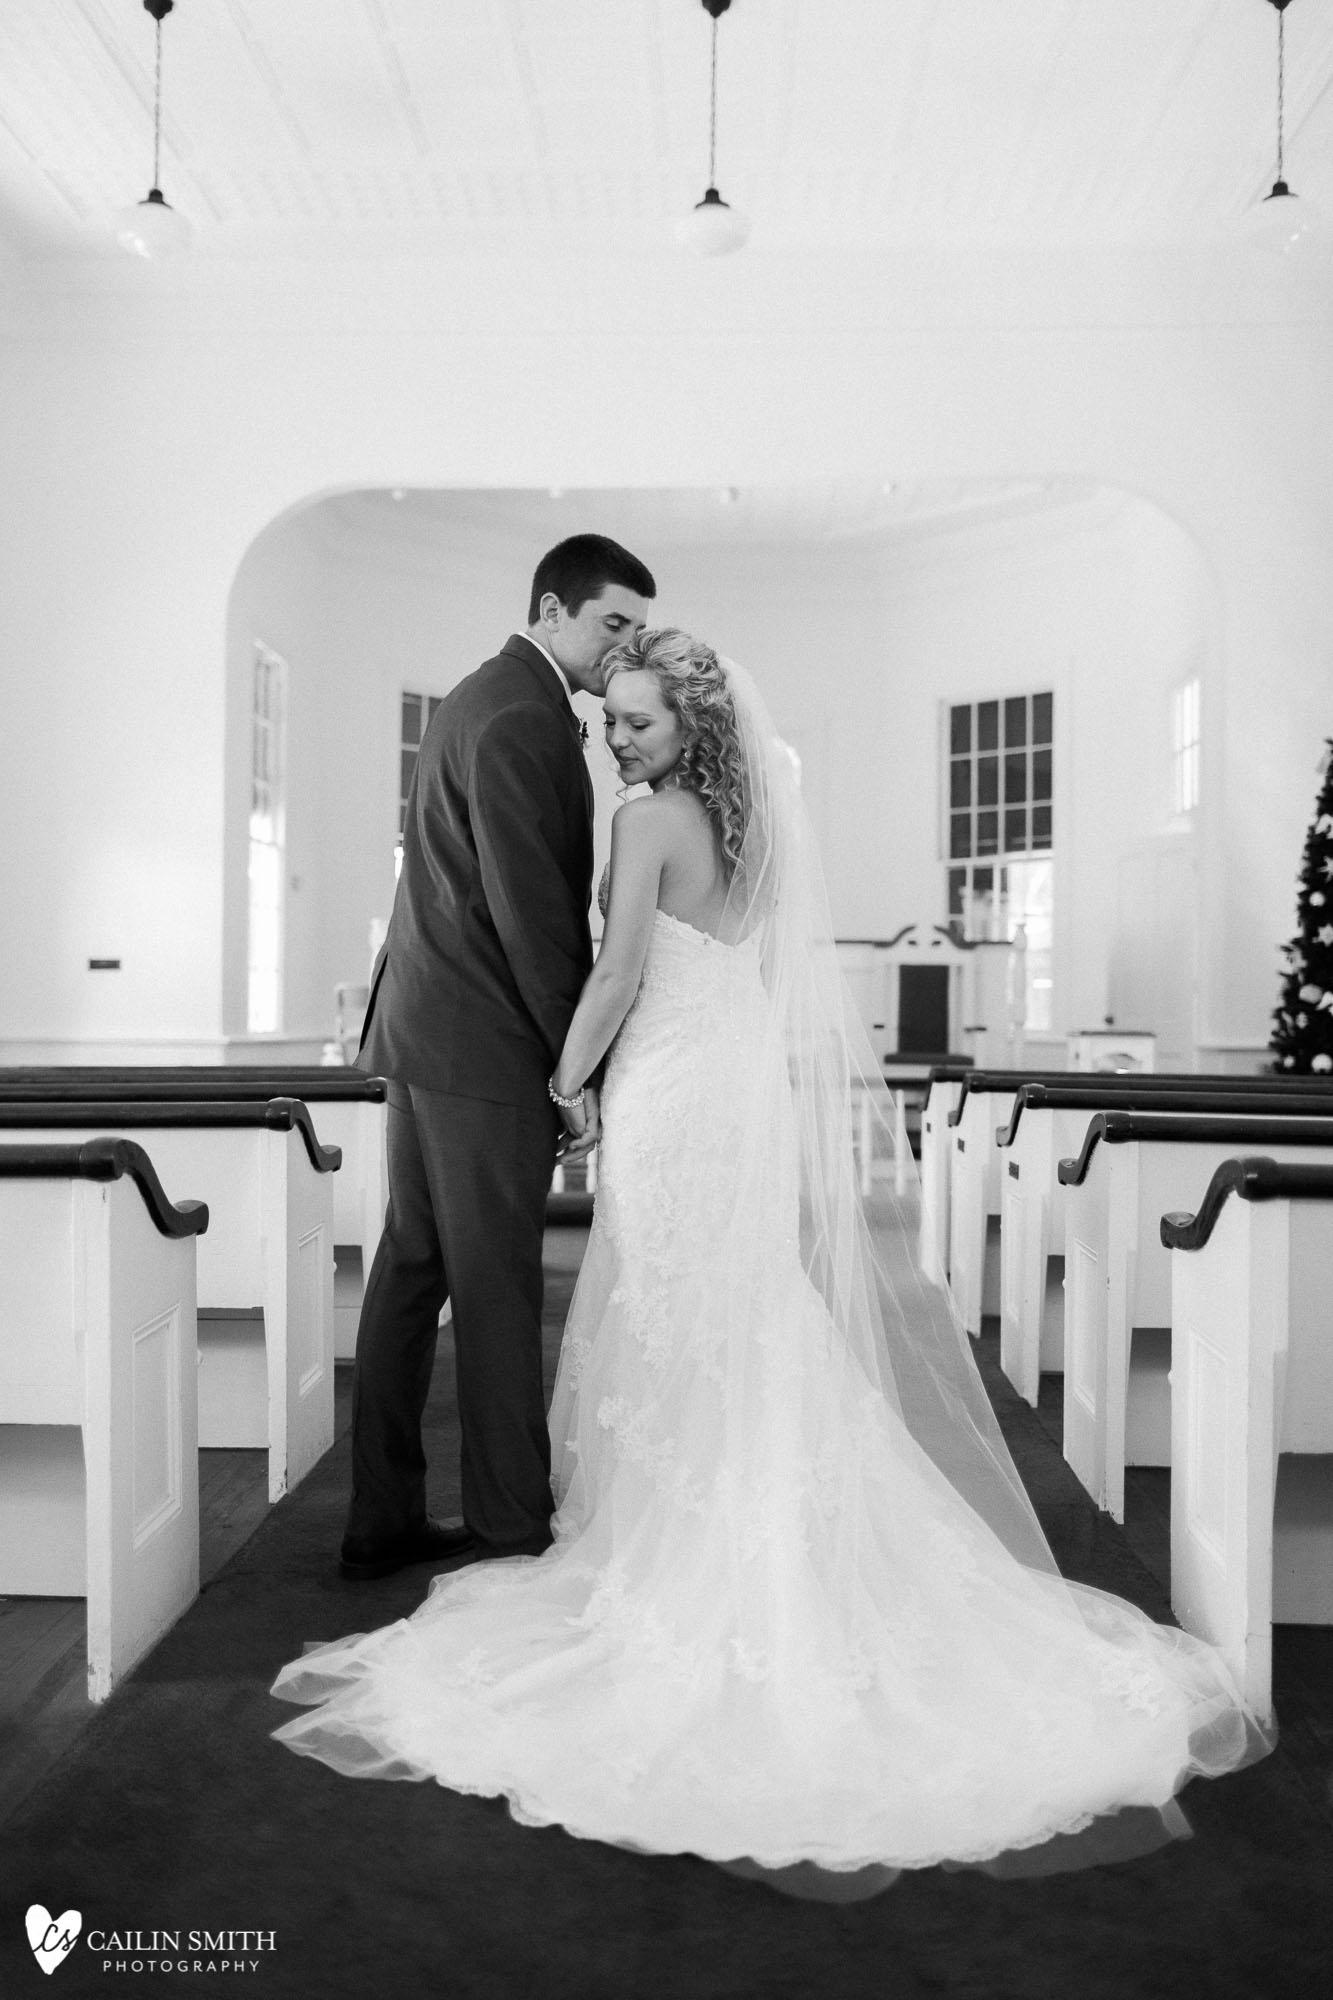 Leah_Major_St_Marys_Wedding_Photography_033.jpg